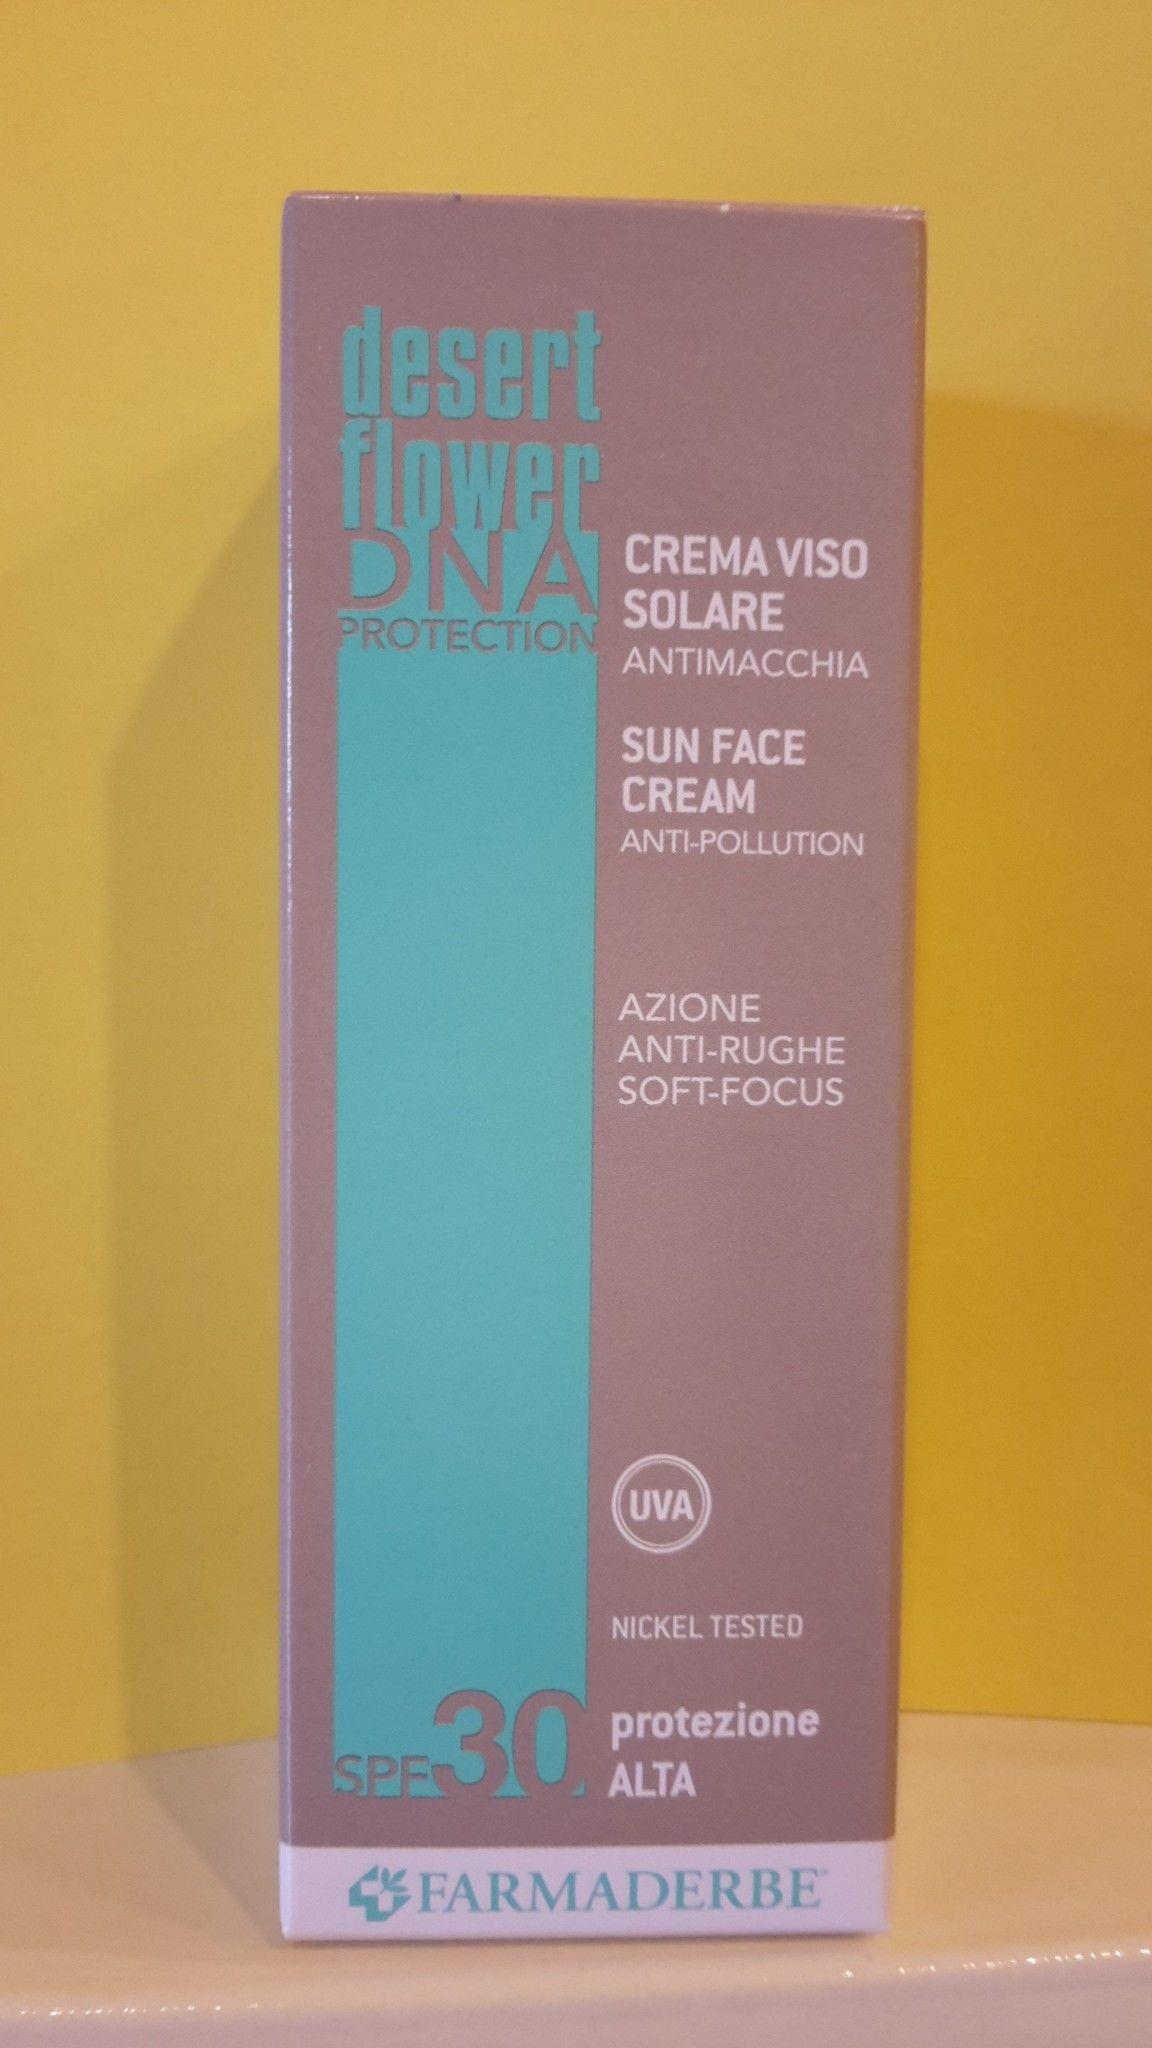 SOLARI VISO Prot. 30 - Crema Antimacchia - Farmaderbe